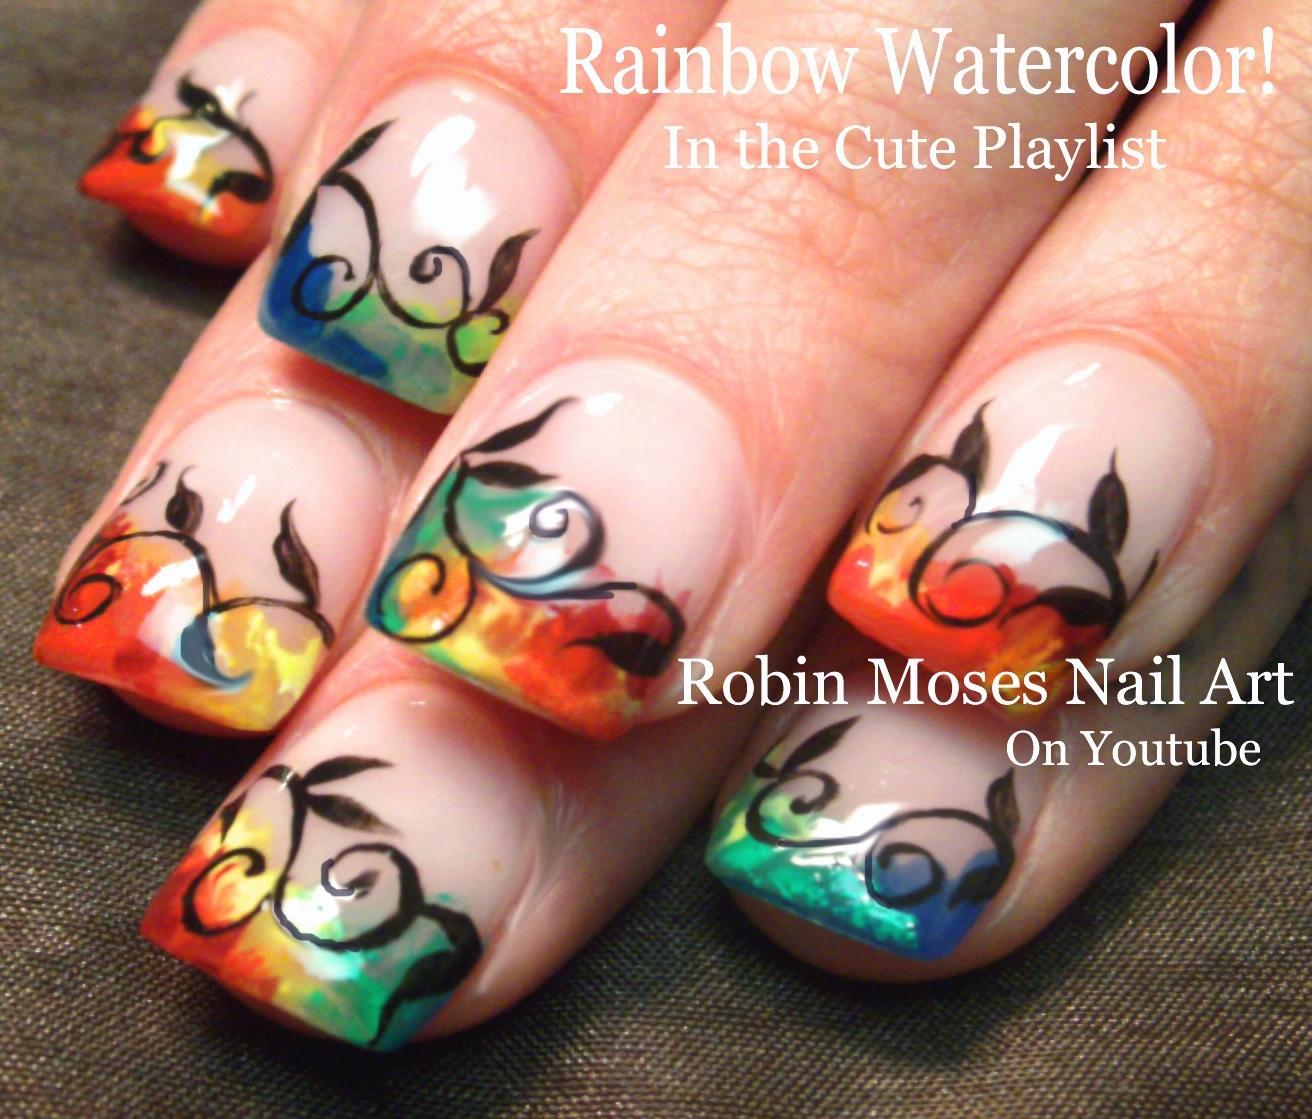 Nail Art by Robin Moses: Rainbow Watercolor Nails